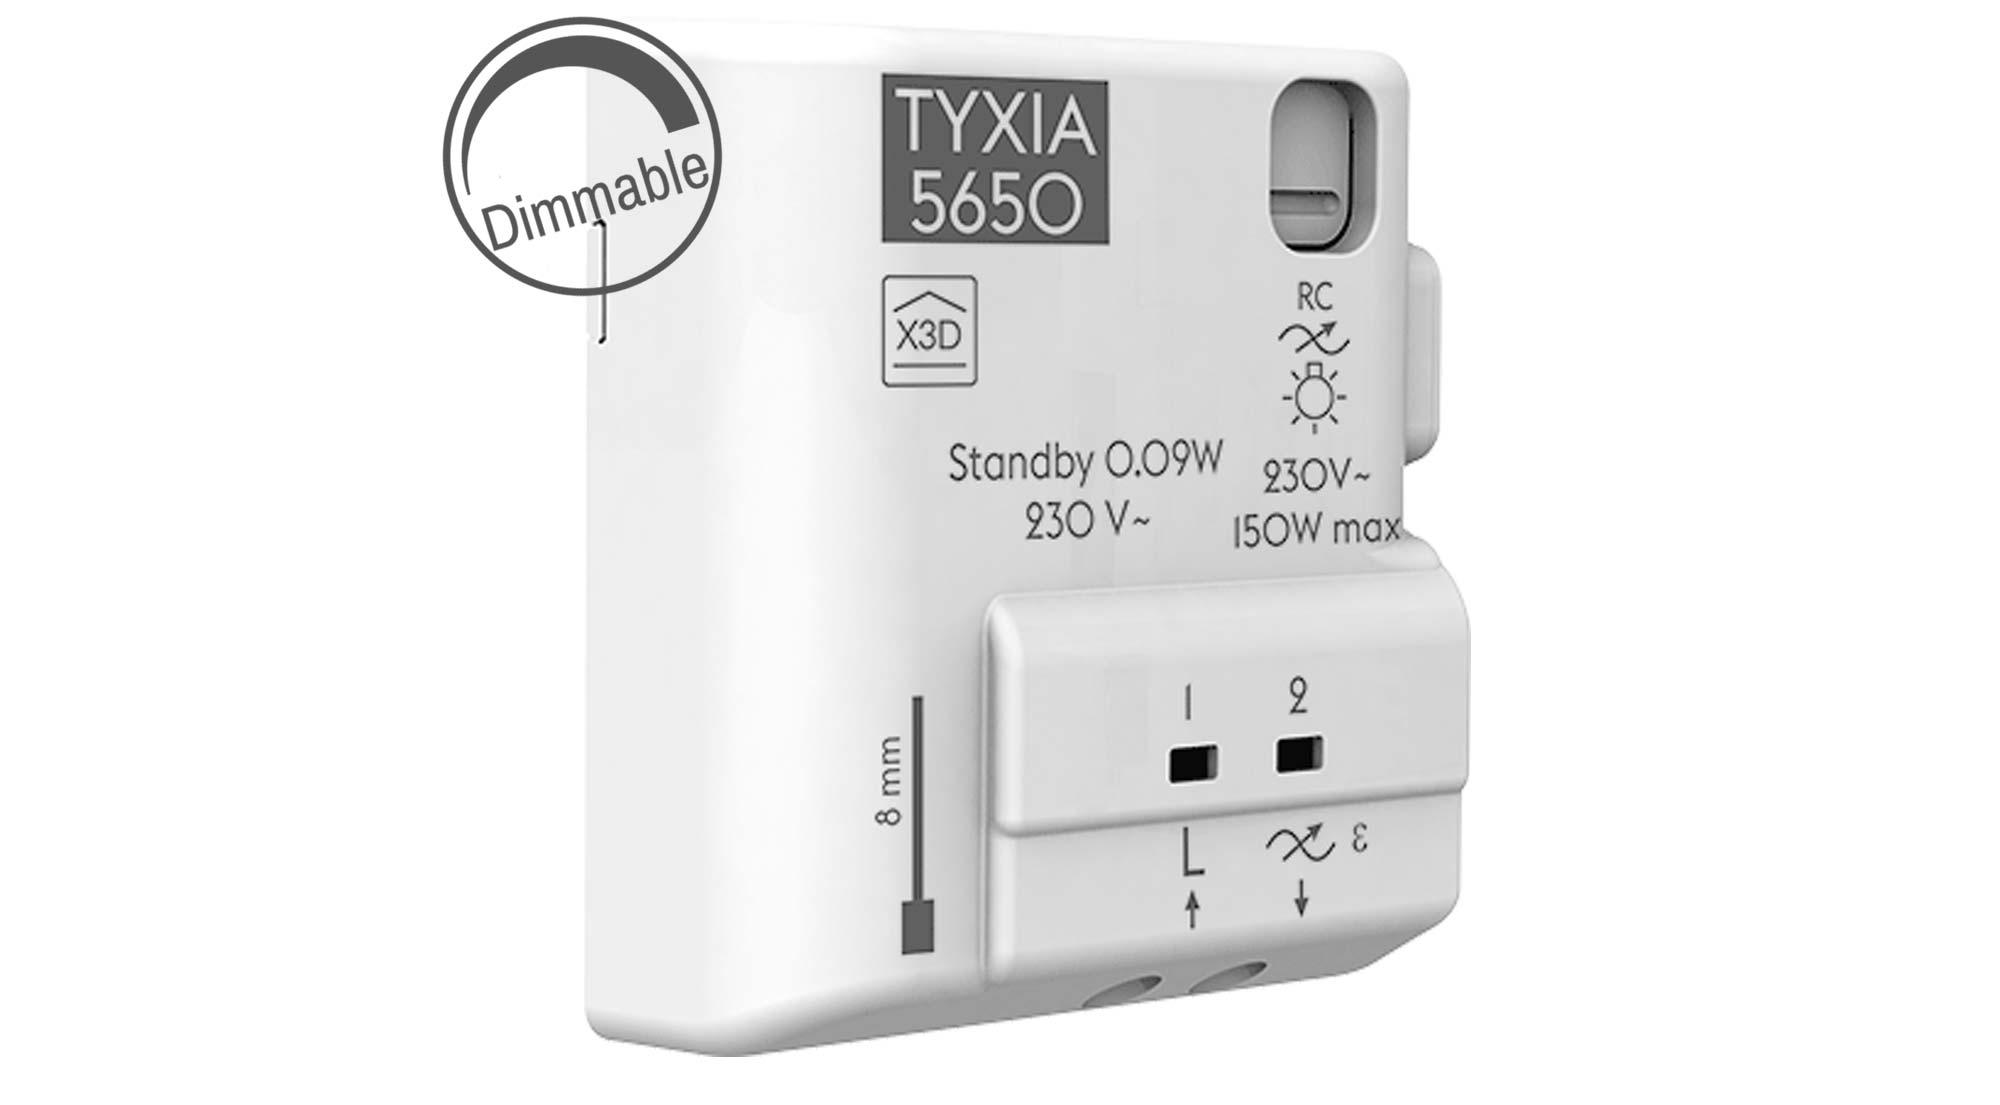 module-tyxia-5650-variateur-lumiere